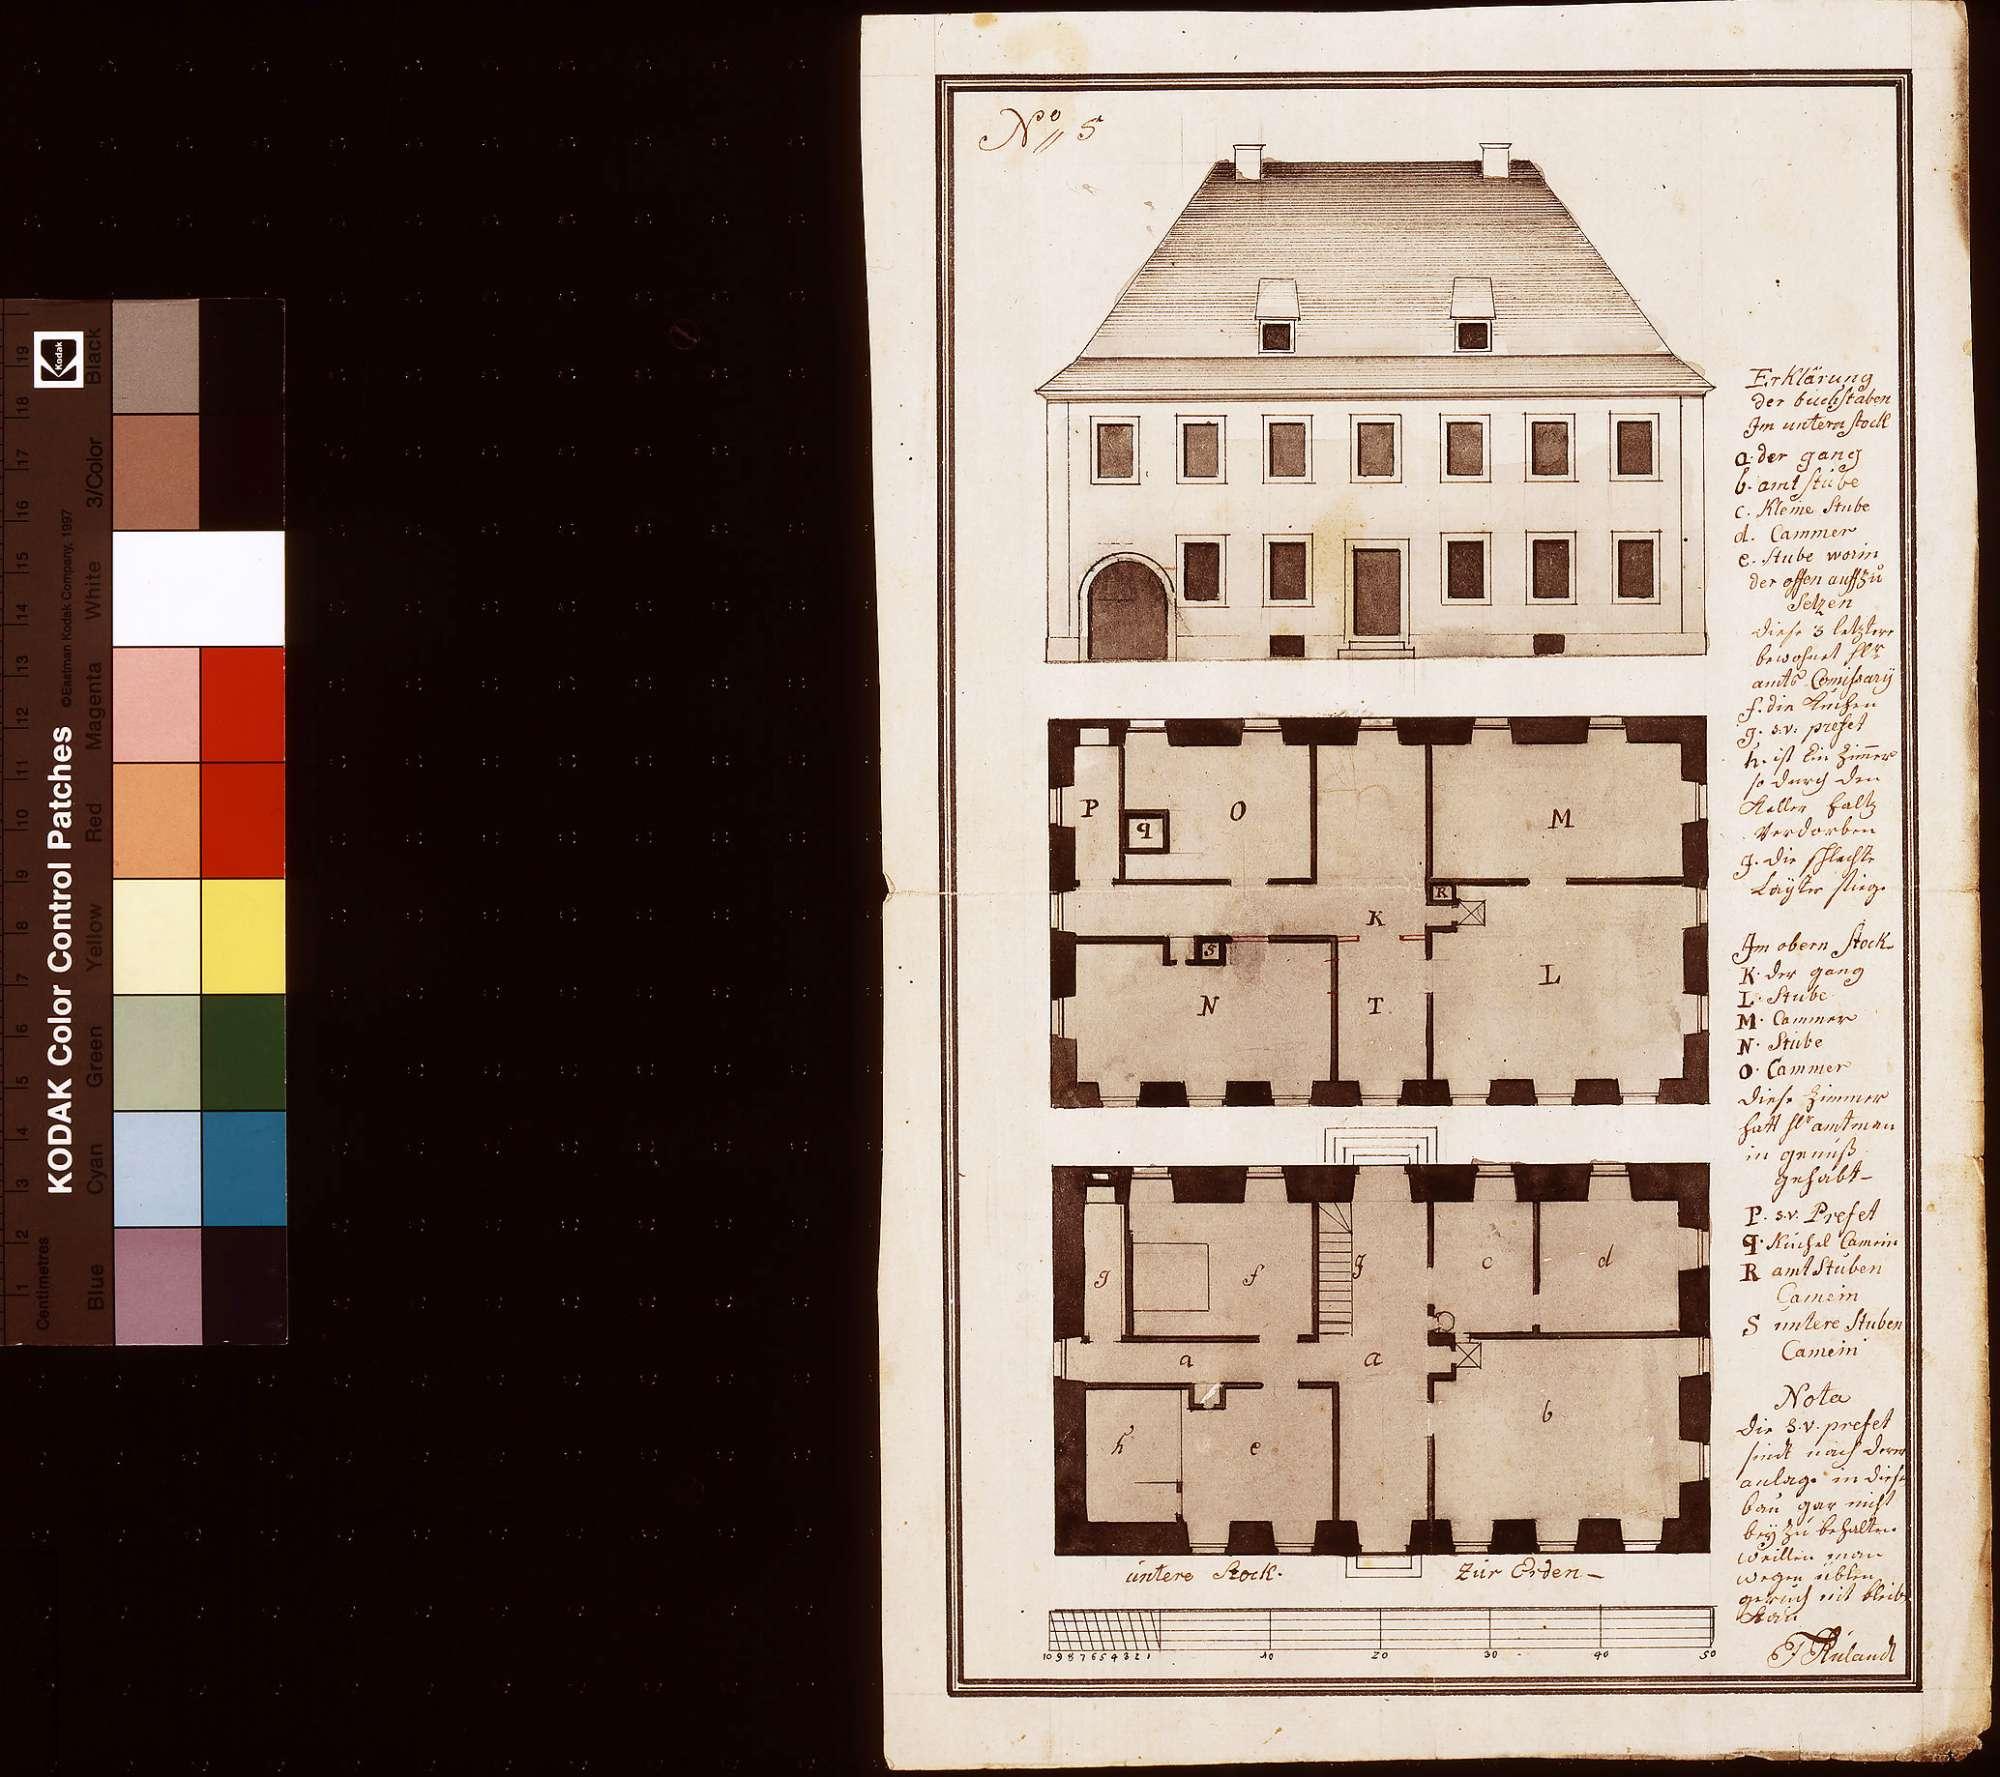 [Neues Amtshaus zu Abstatt], Bild 1